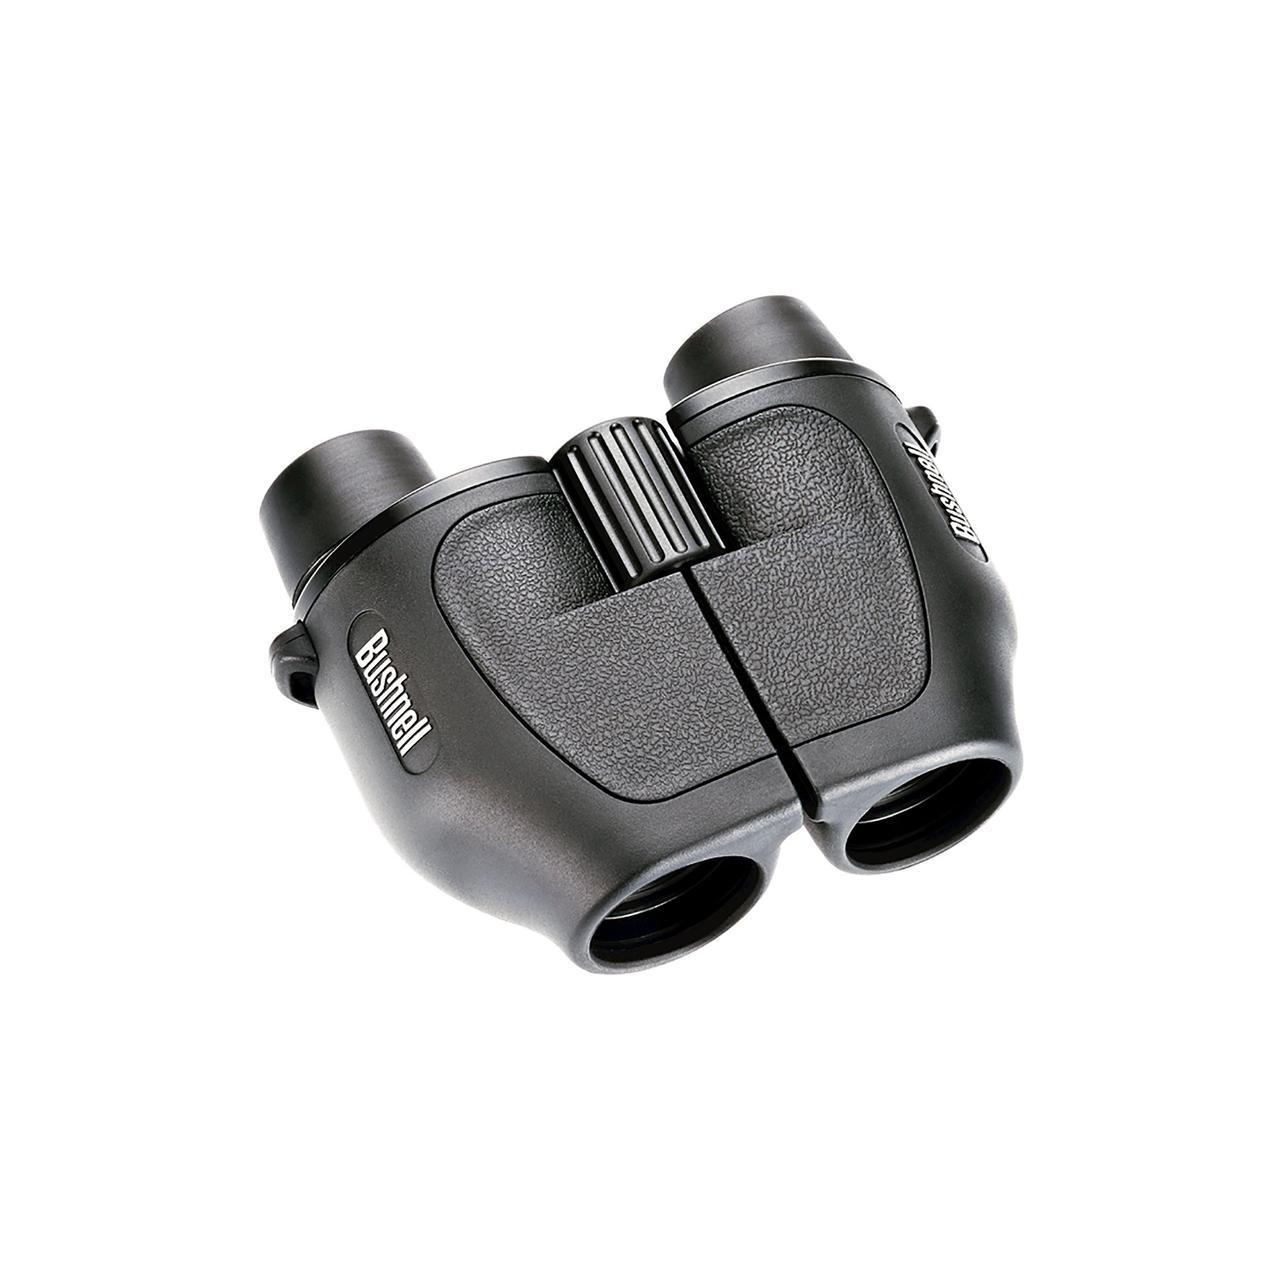 Бинокль туристический Bushnell Powerview 8x25, Сфера применения: Для активного отдыха, спорта, путешествия, Цв